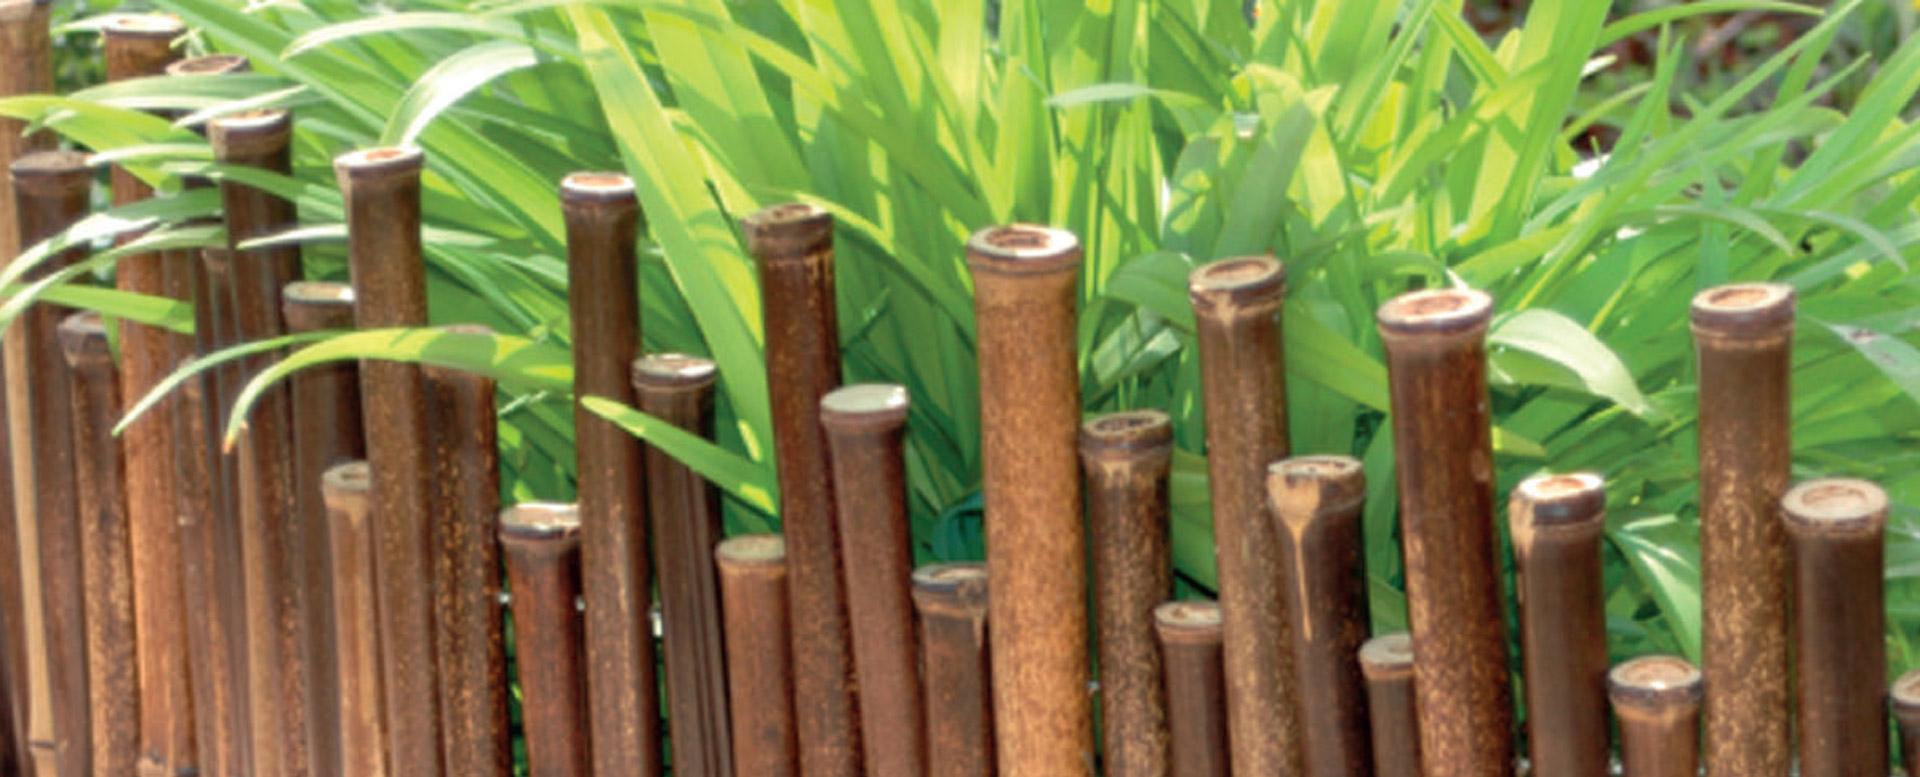 Vendita Piante Bambu Milano.Rosa Pietro E Figli Vendita Di Prodotti In Bambu Di Altissima Qualita